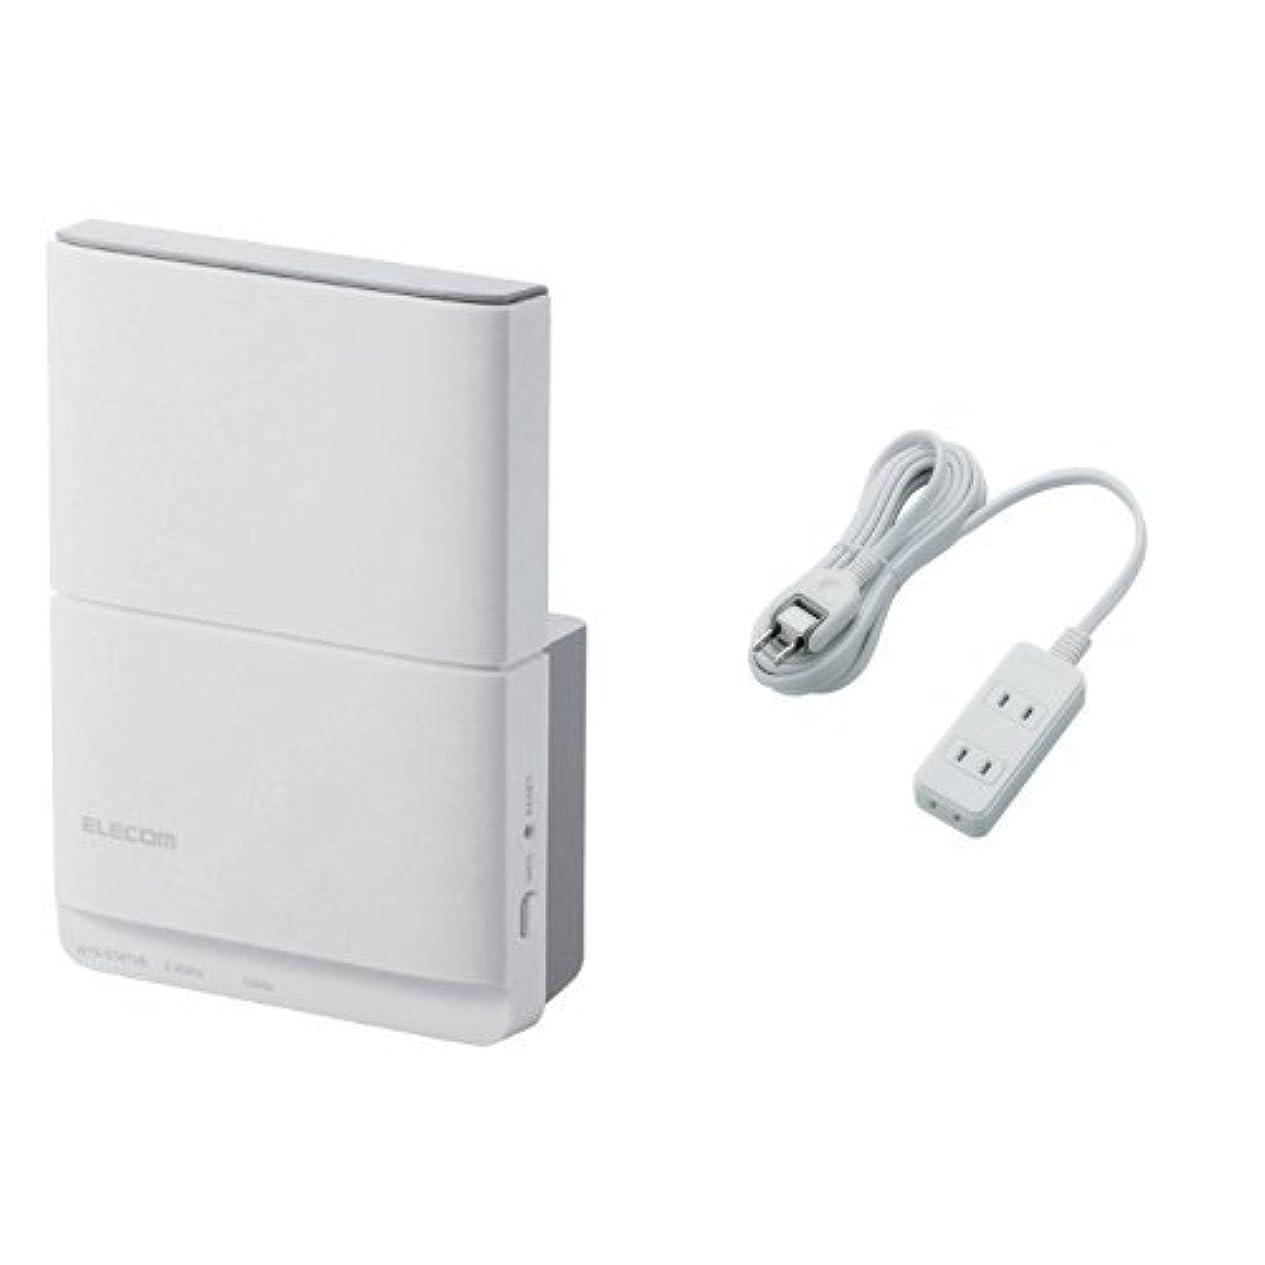 エレコム WiFi 無線LAN 中継器 11ac/n/g/b 867+300Mbps コンセント直挿し WTC-F1167AC + ELECOM 電源タップ ほこり防止シャッター付き 配線しやすい180°スイングプラグ 3個口 3m ホワイト T-ST02-22330WH